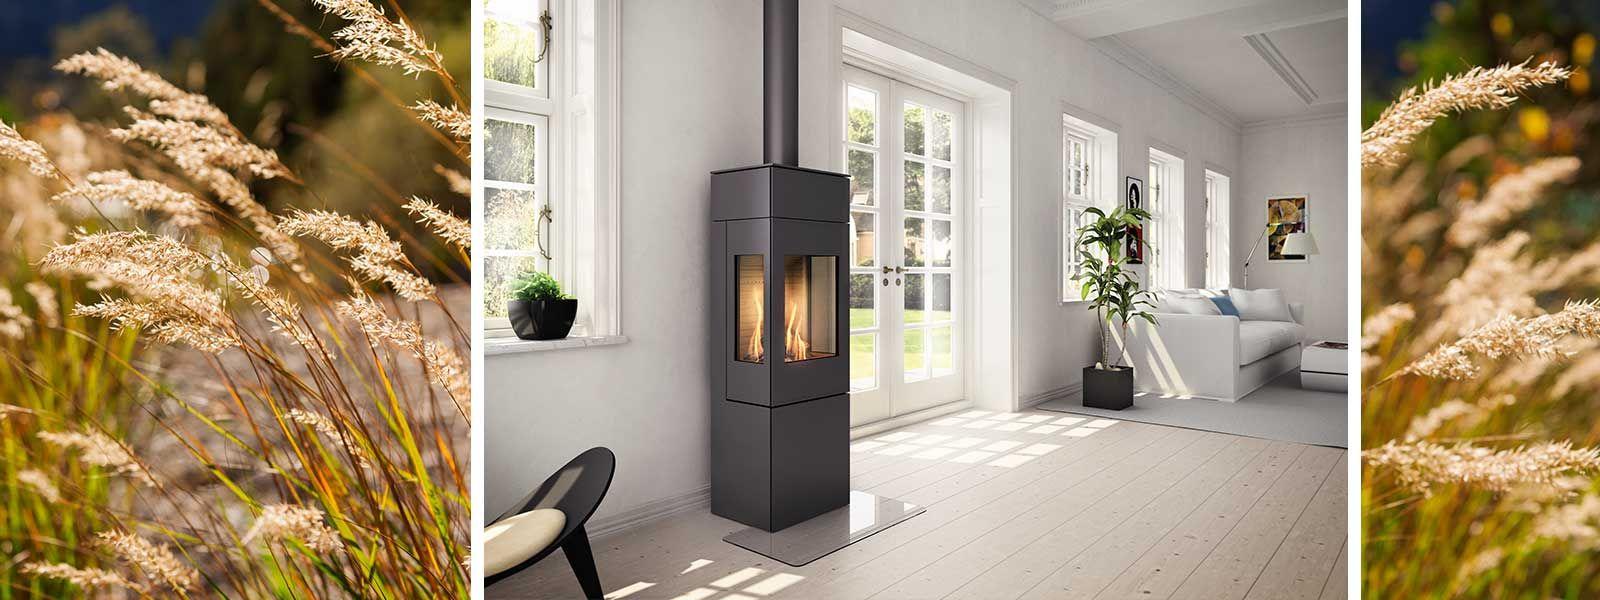 Gas Kaminofen Nexo Ausgezeichnetes Design Und Hochst Variabel 2020 Kaminofen Kamin Design